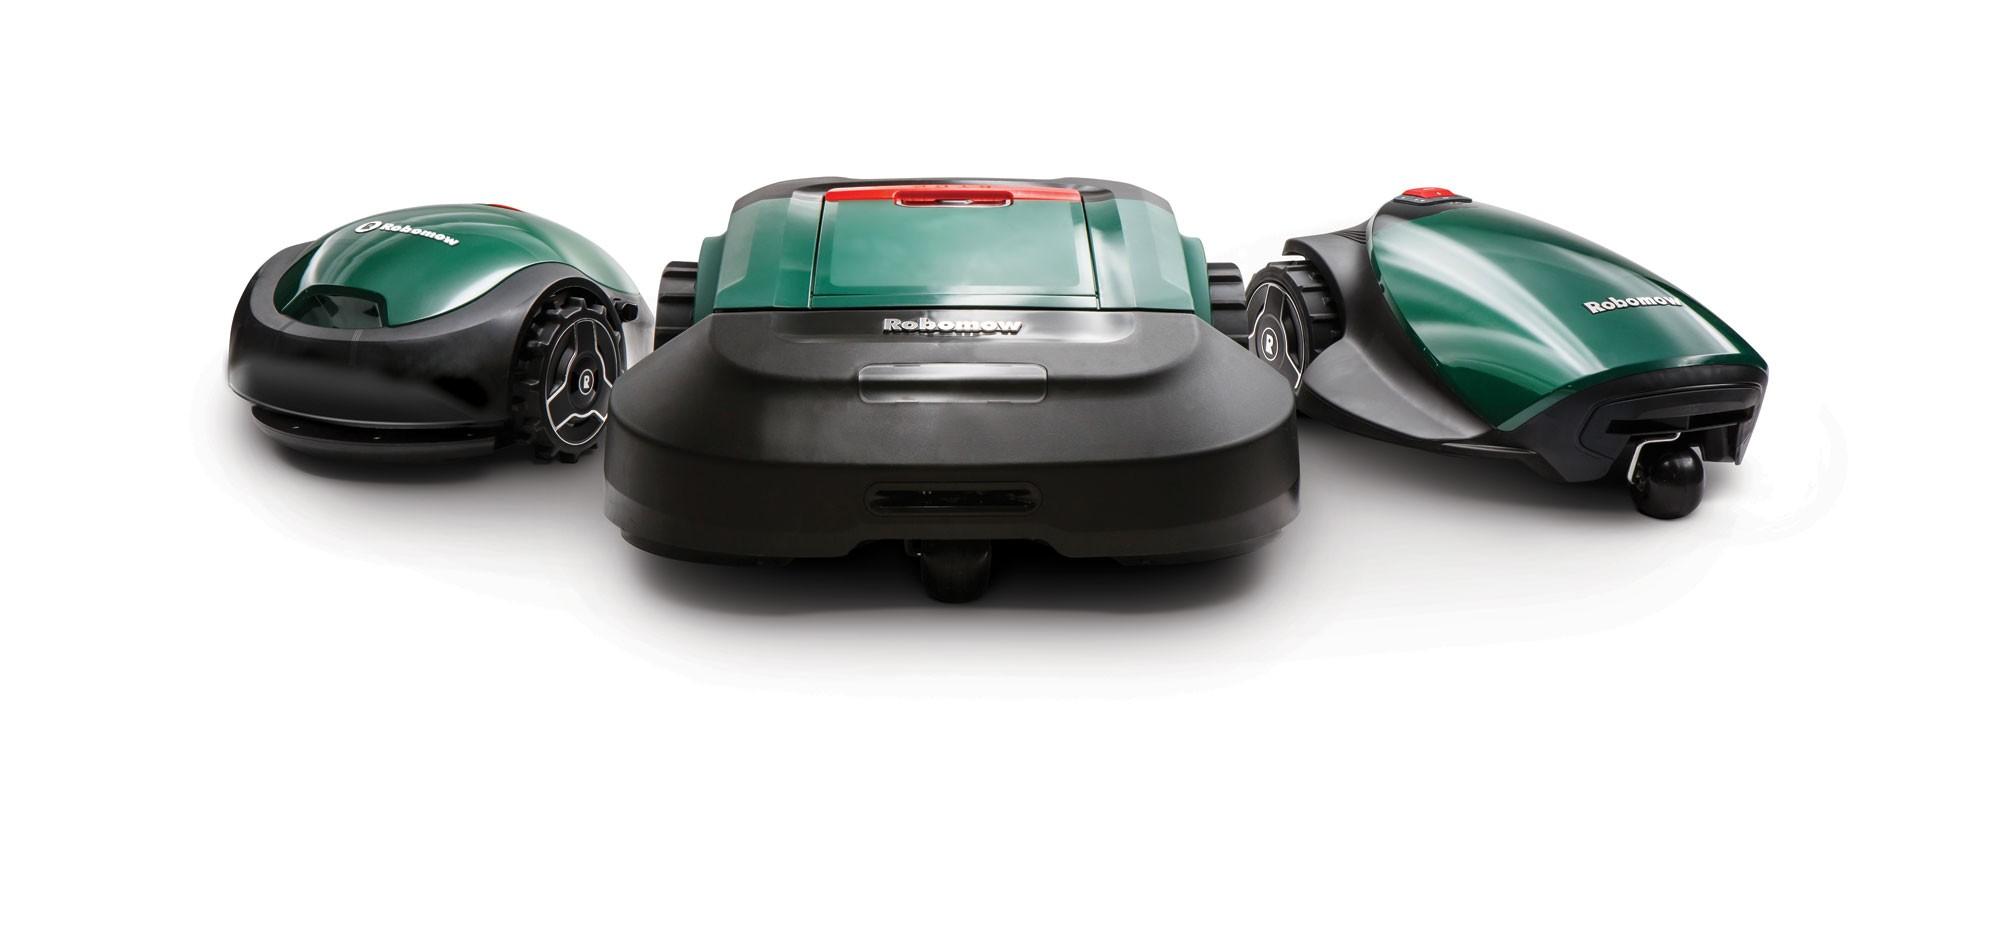 B-Ware Robomow Mähroboter / Rasenroboter RX Clever 12u  SB 18cm Bild 2